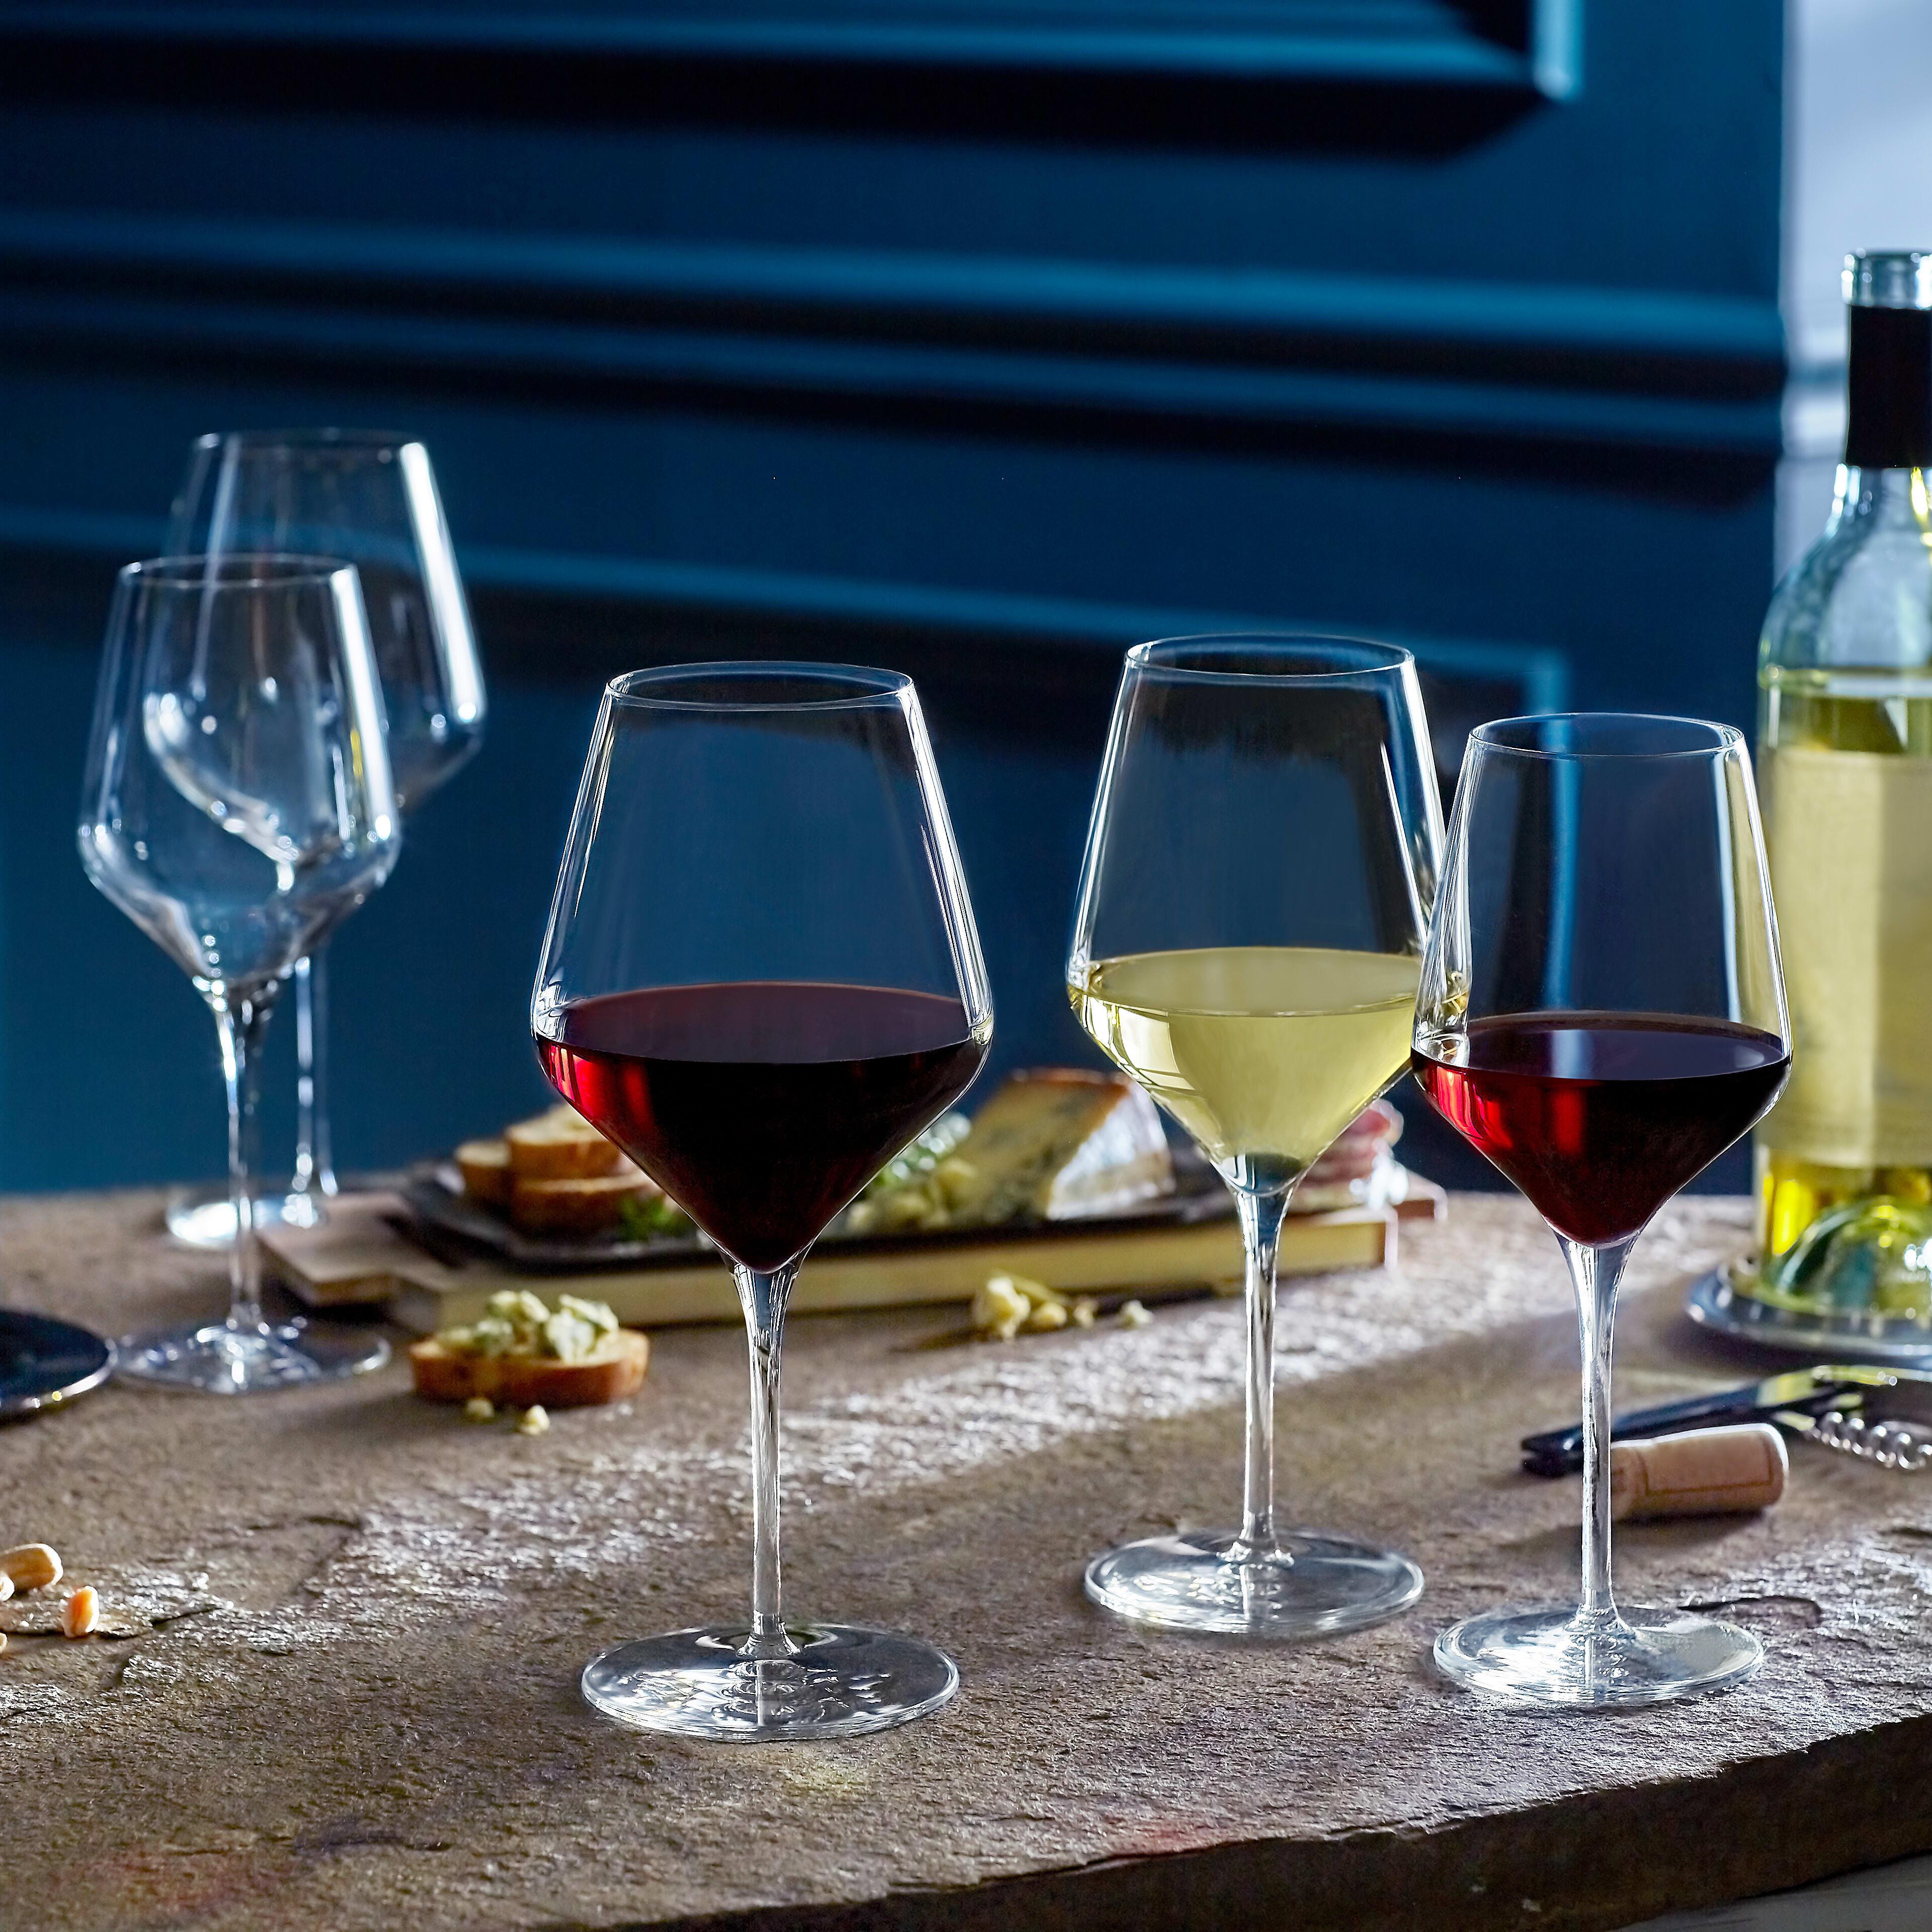 Modern Wine Glasses Up To 65 Off Until 11 20 Wayfair Wayfair